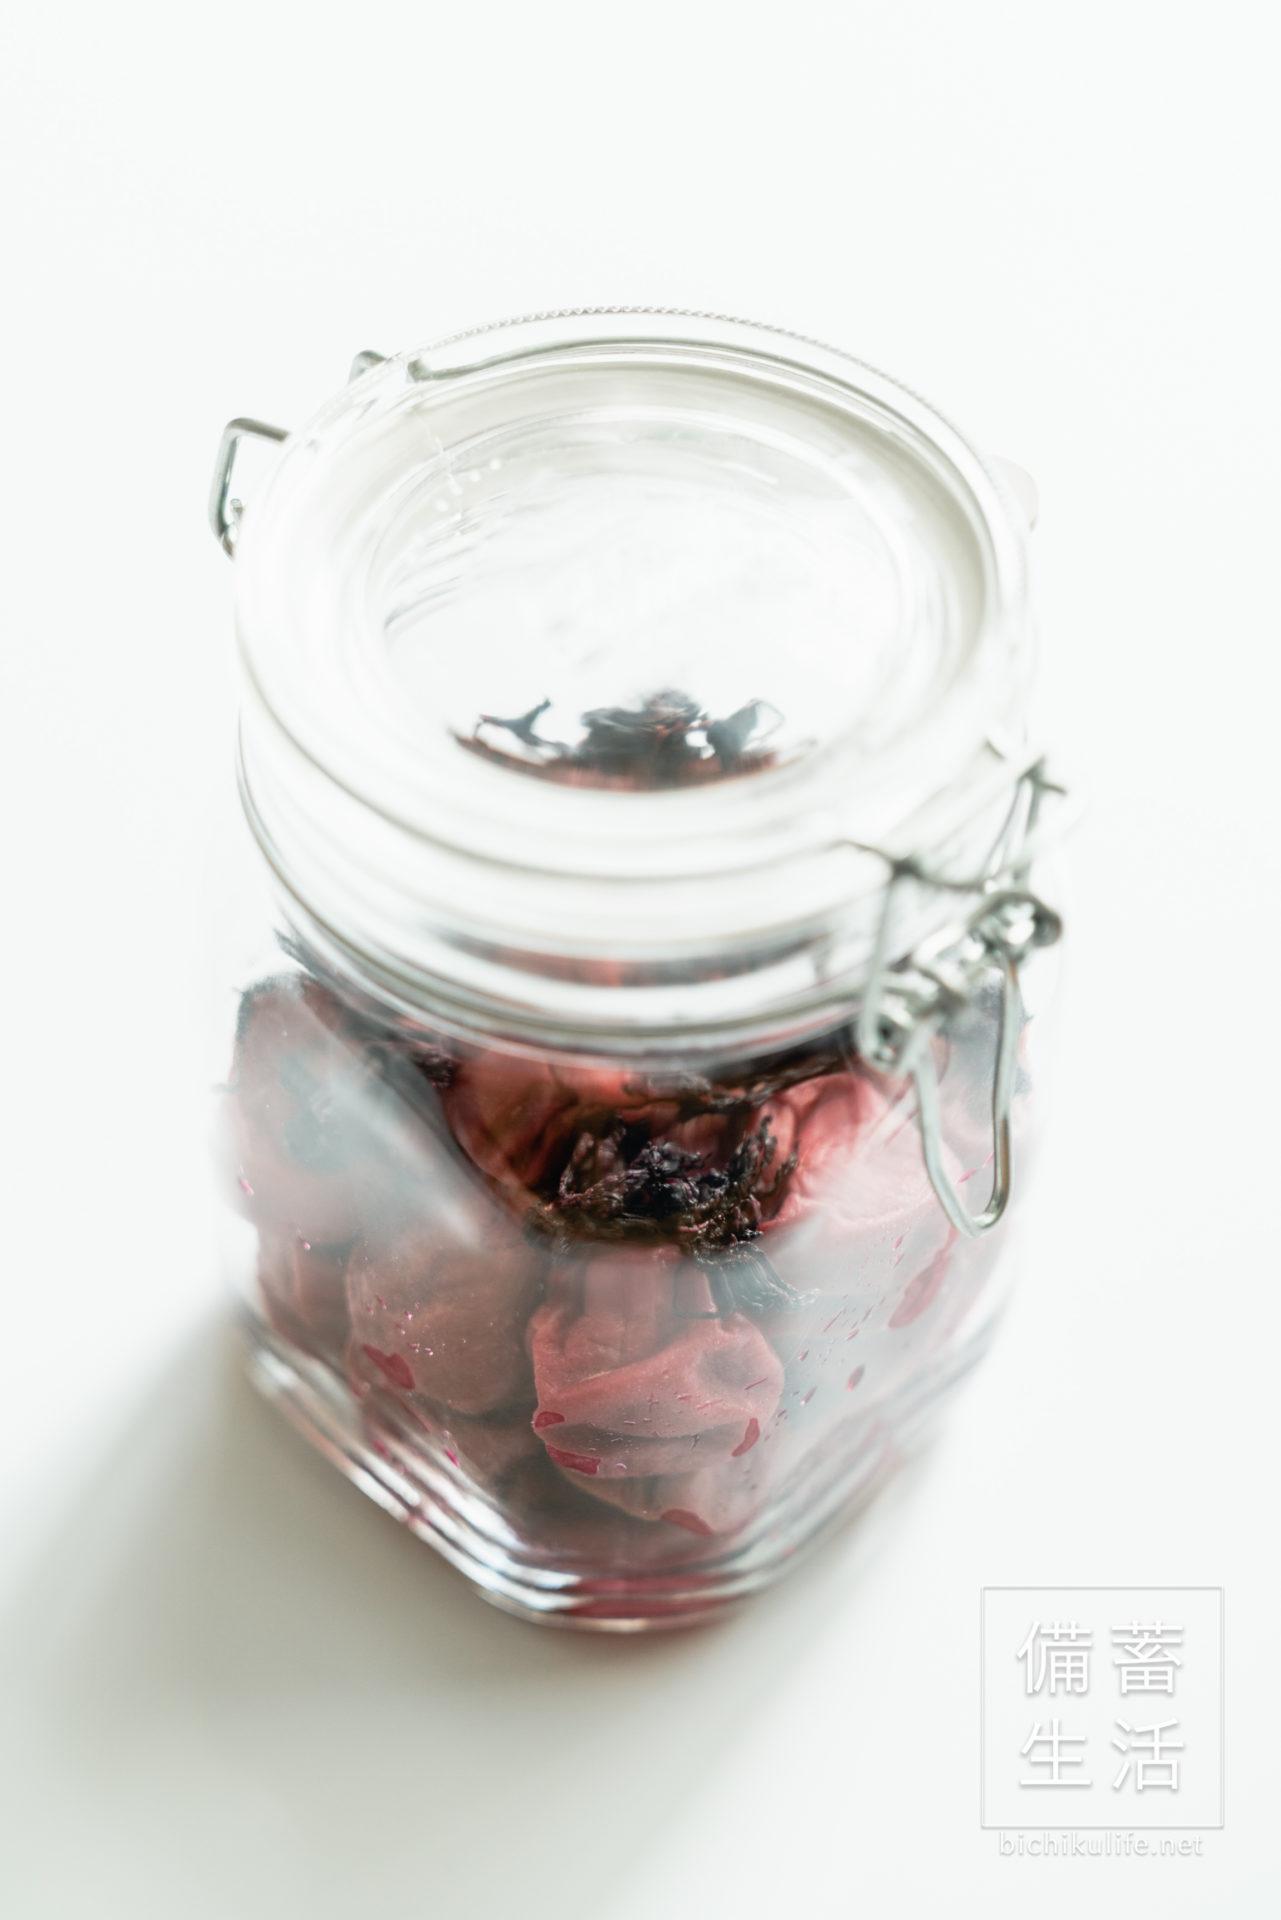 梅干しづくり 自家製梅干しを作るアイデア、梅の土用干しをする、干した梅と赤じそを保存容器に保管する